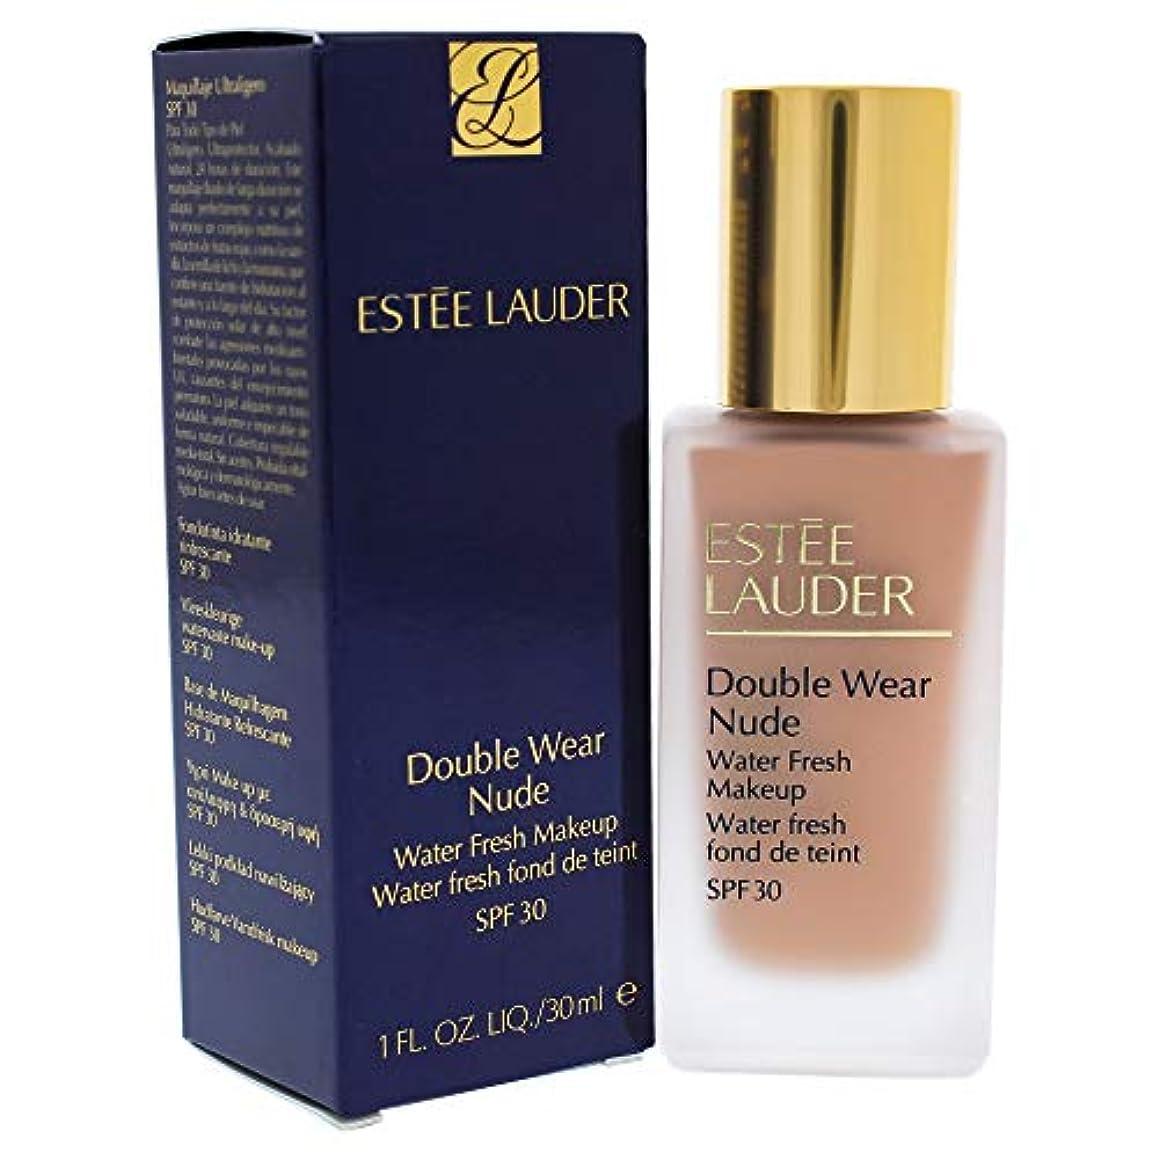 アラブ人農業の店員エスティローダー Double Wear Nude Water Fresh Makeup SPF 30 - # 4C1 Outdoor Beige 30ml/1oz並行輸入品